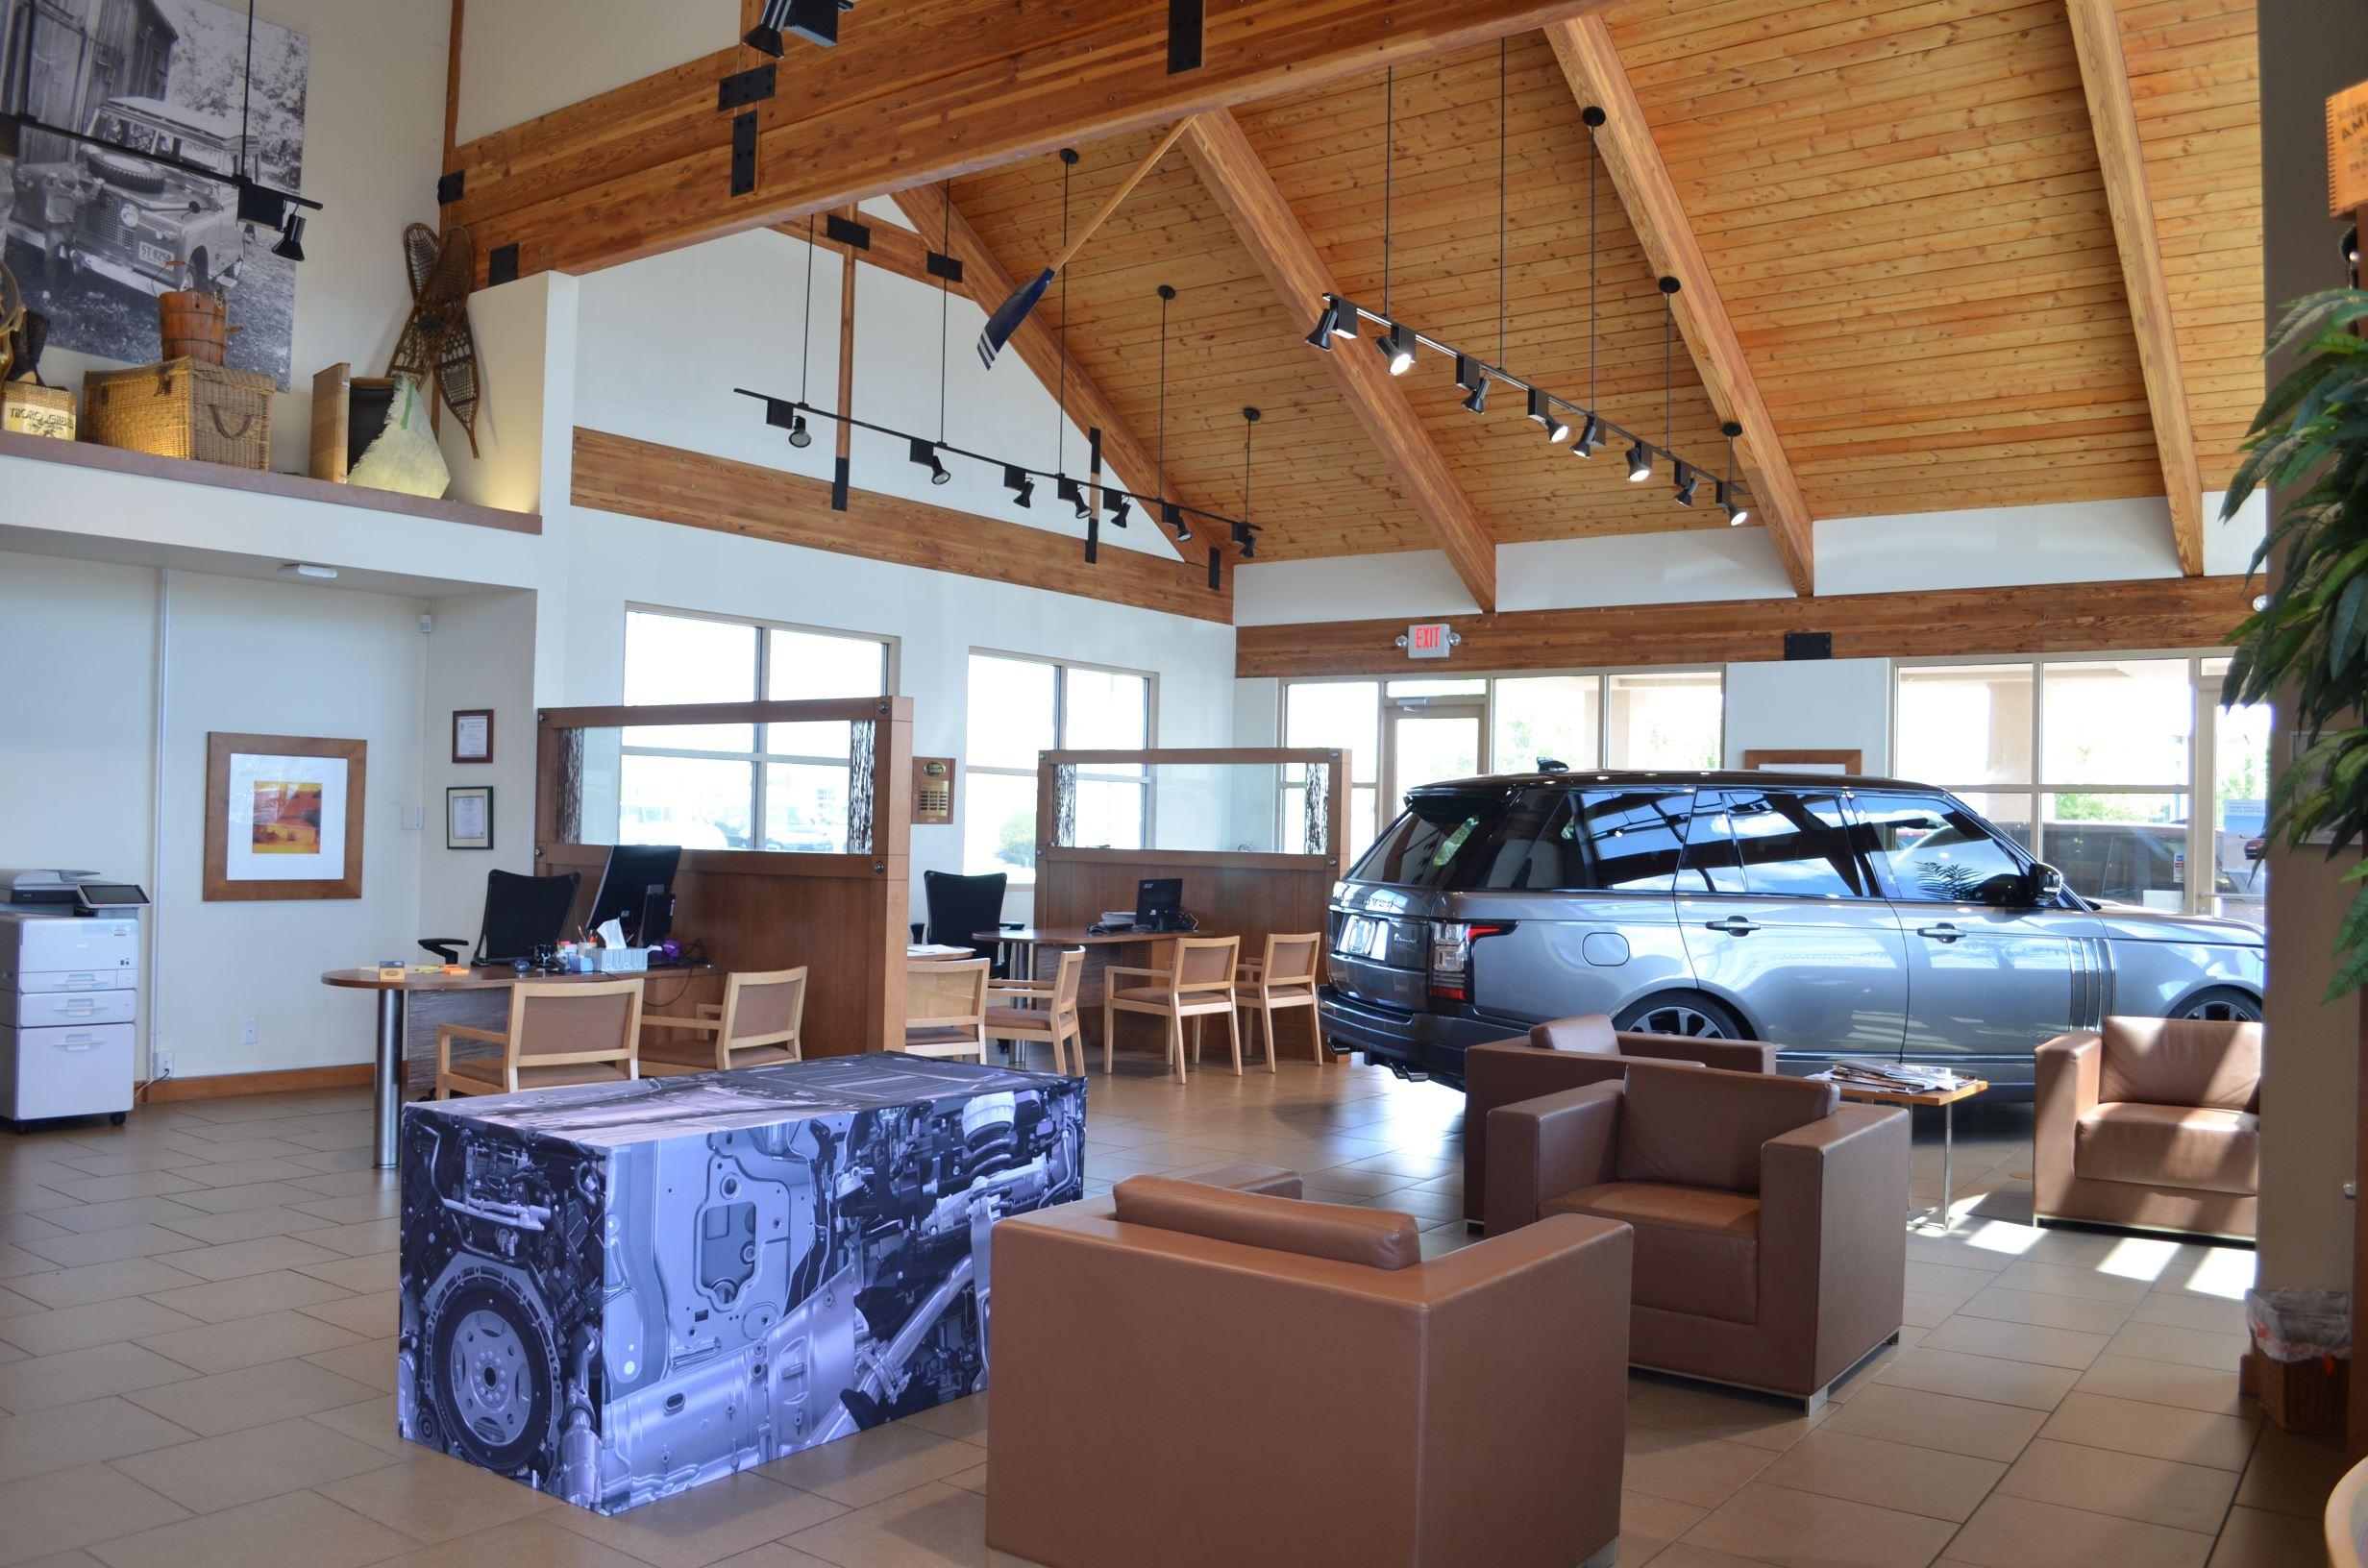 Land Rover Santa Fe 2582 Camino Entrada Santa Fe NM Land Rover